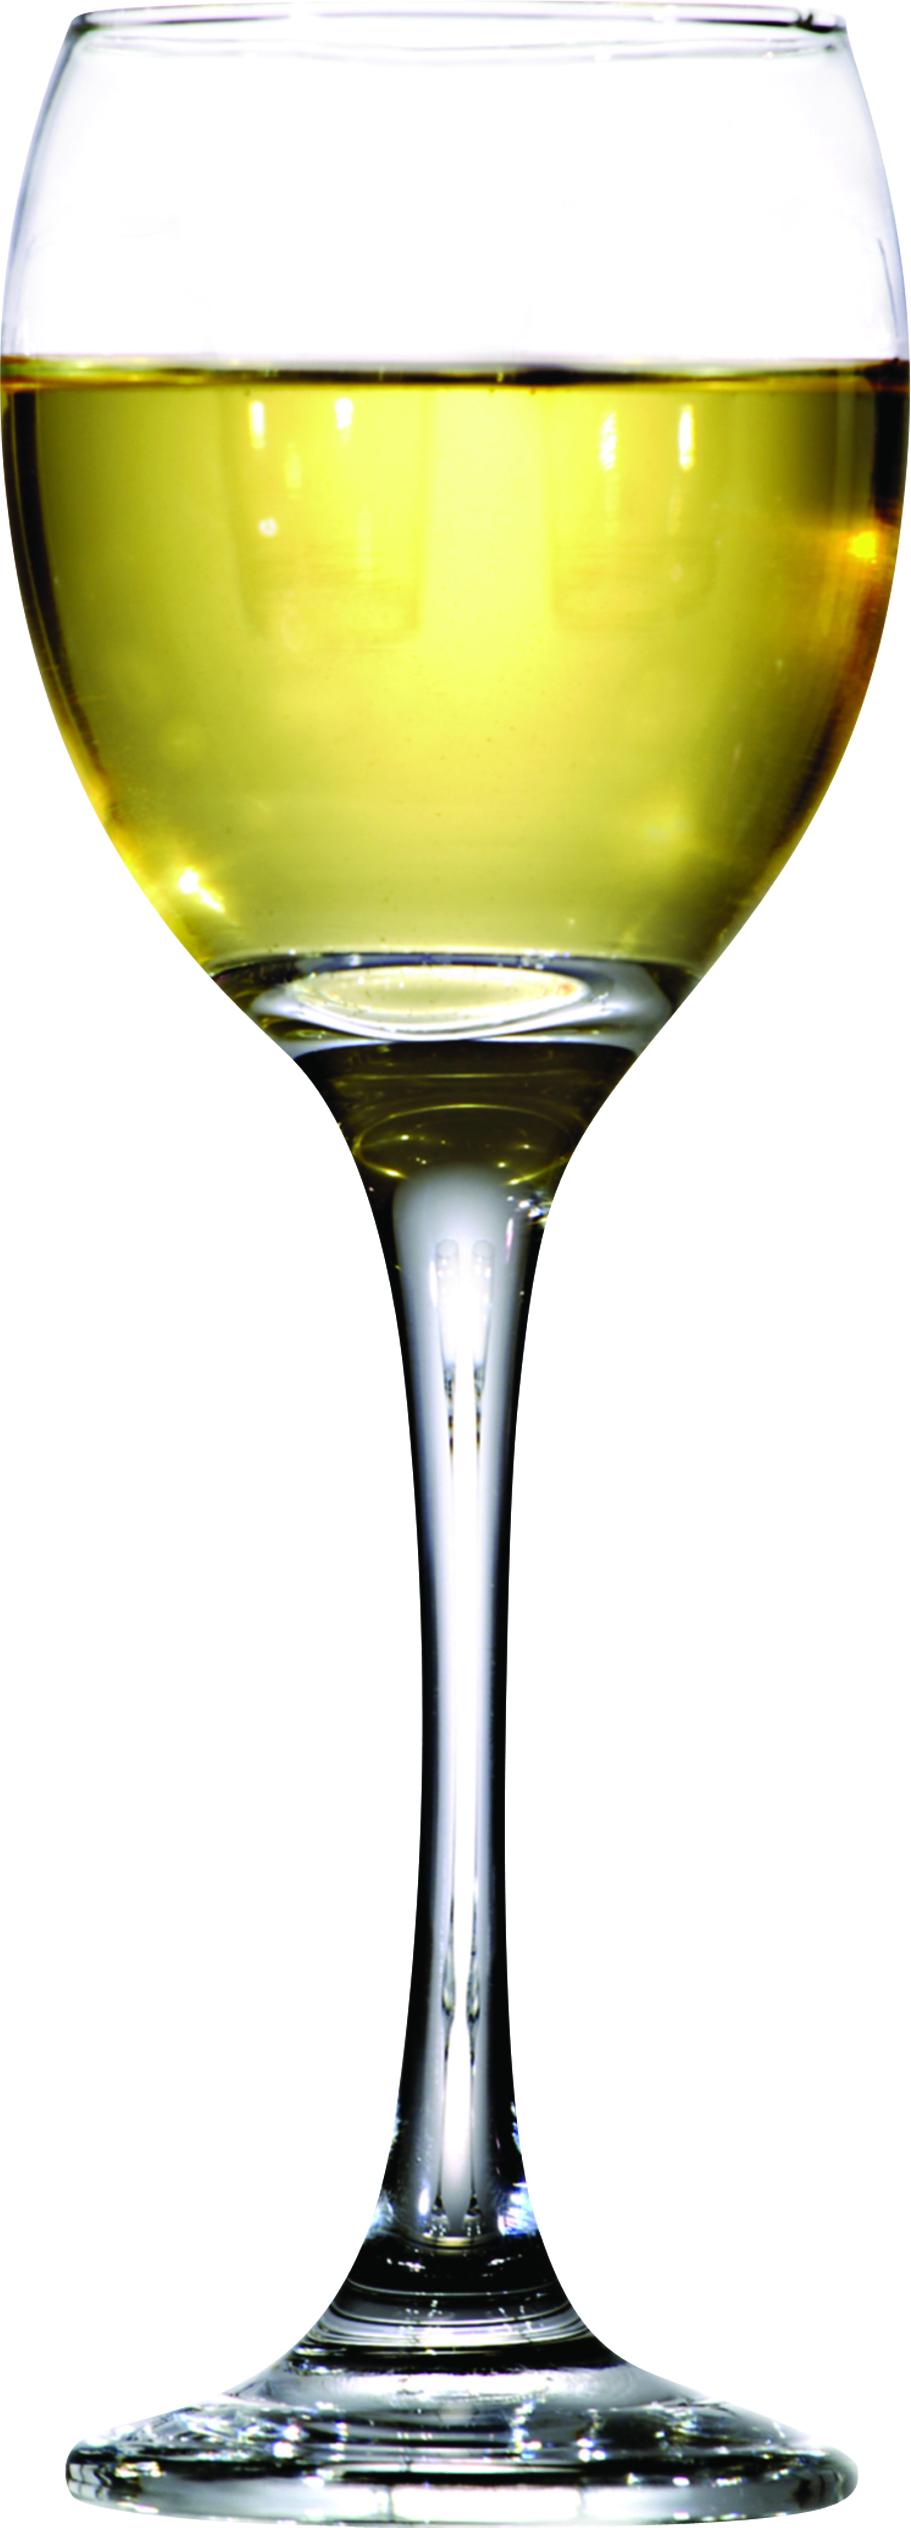 Ποτήρι Κρασιού Venue 245ml IZ VEN/553 (Υλικό: Γυαλί, Χρώμα: Διάφανο ) – EVE – 4-IZ VEN/553